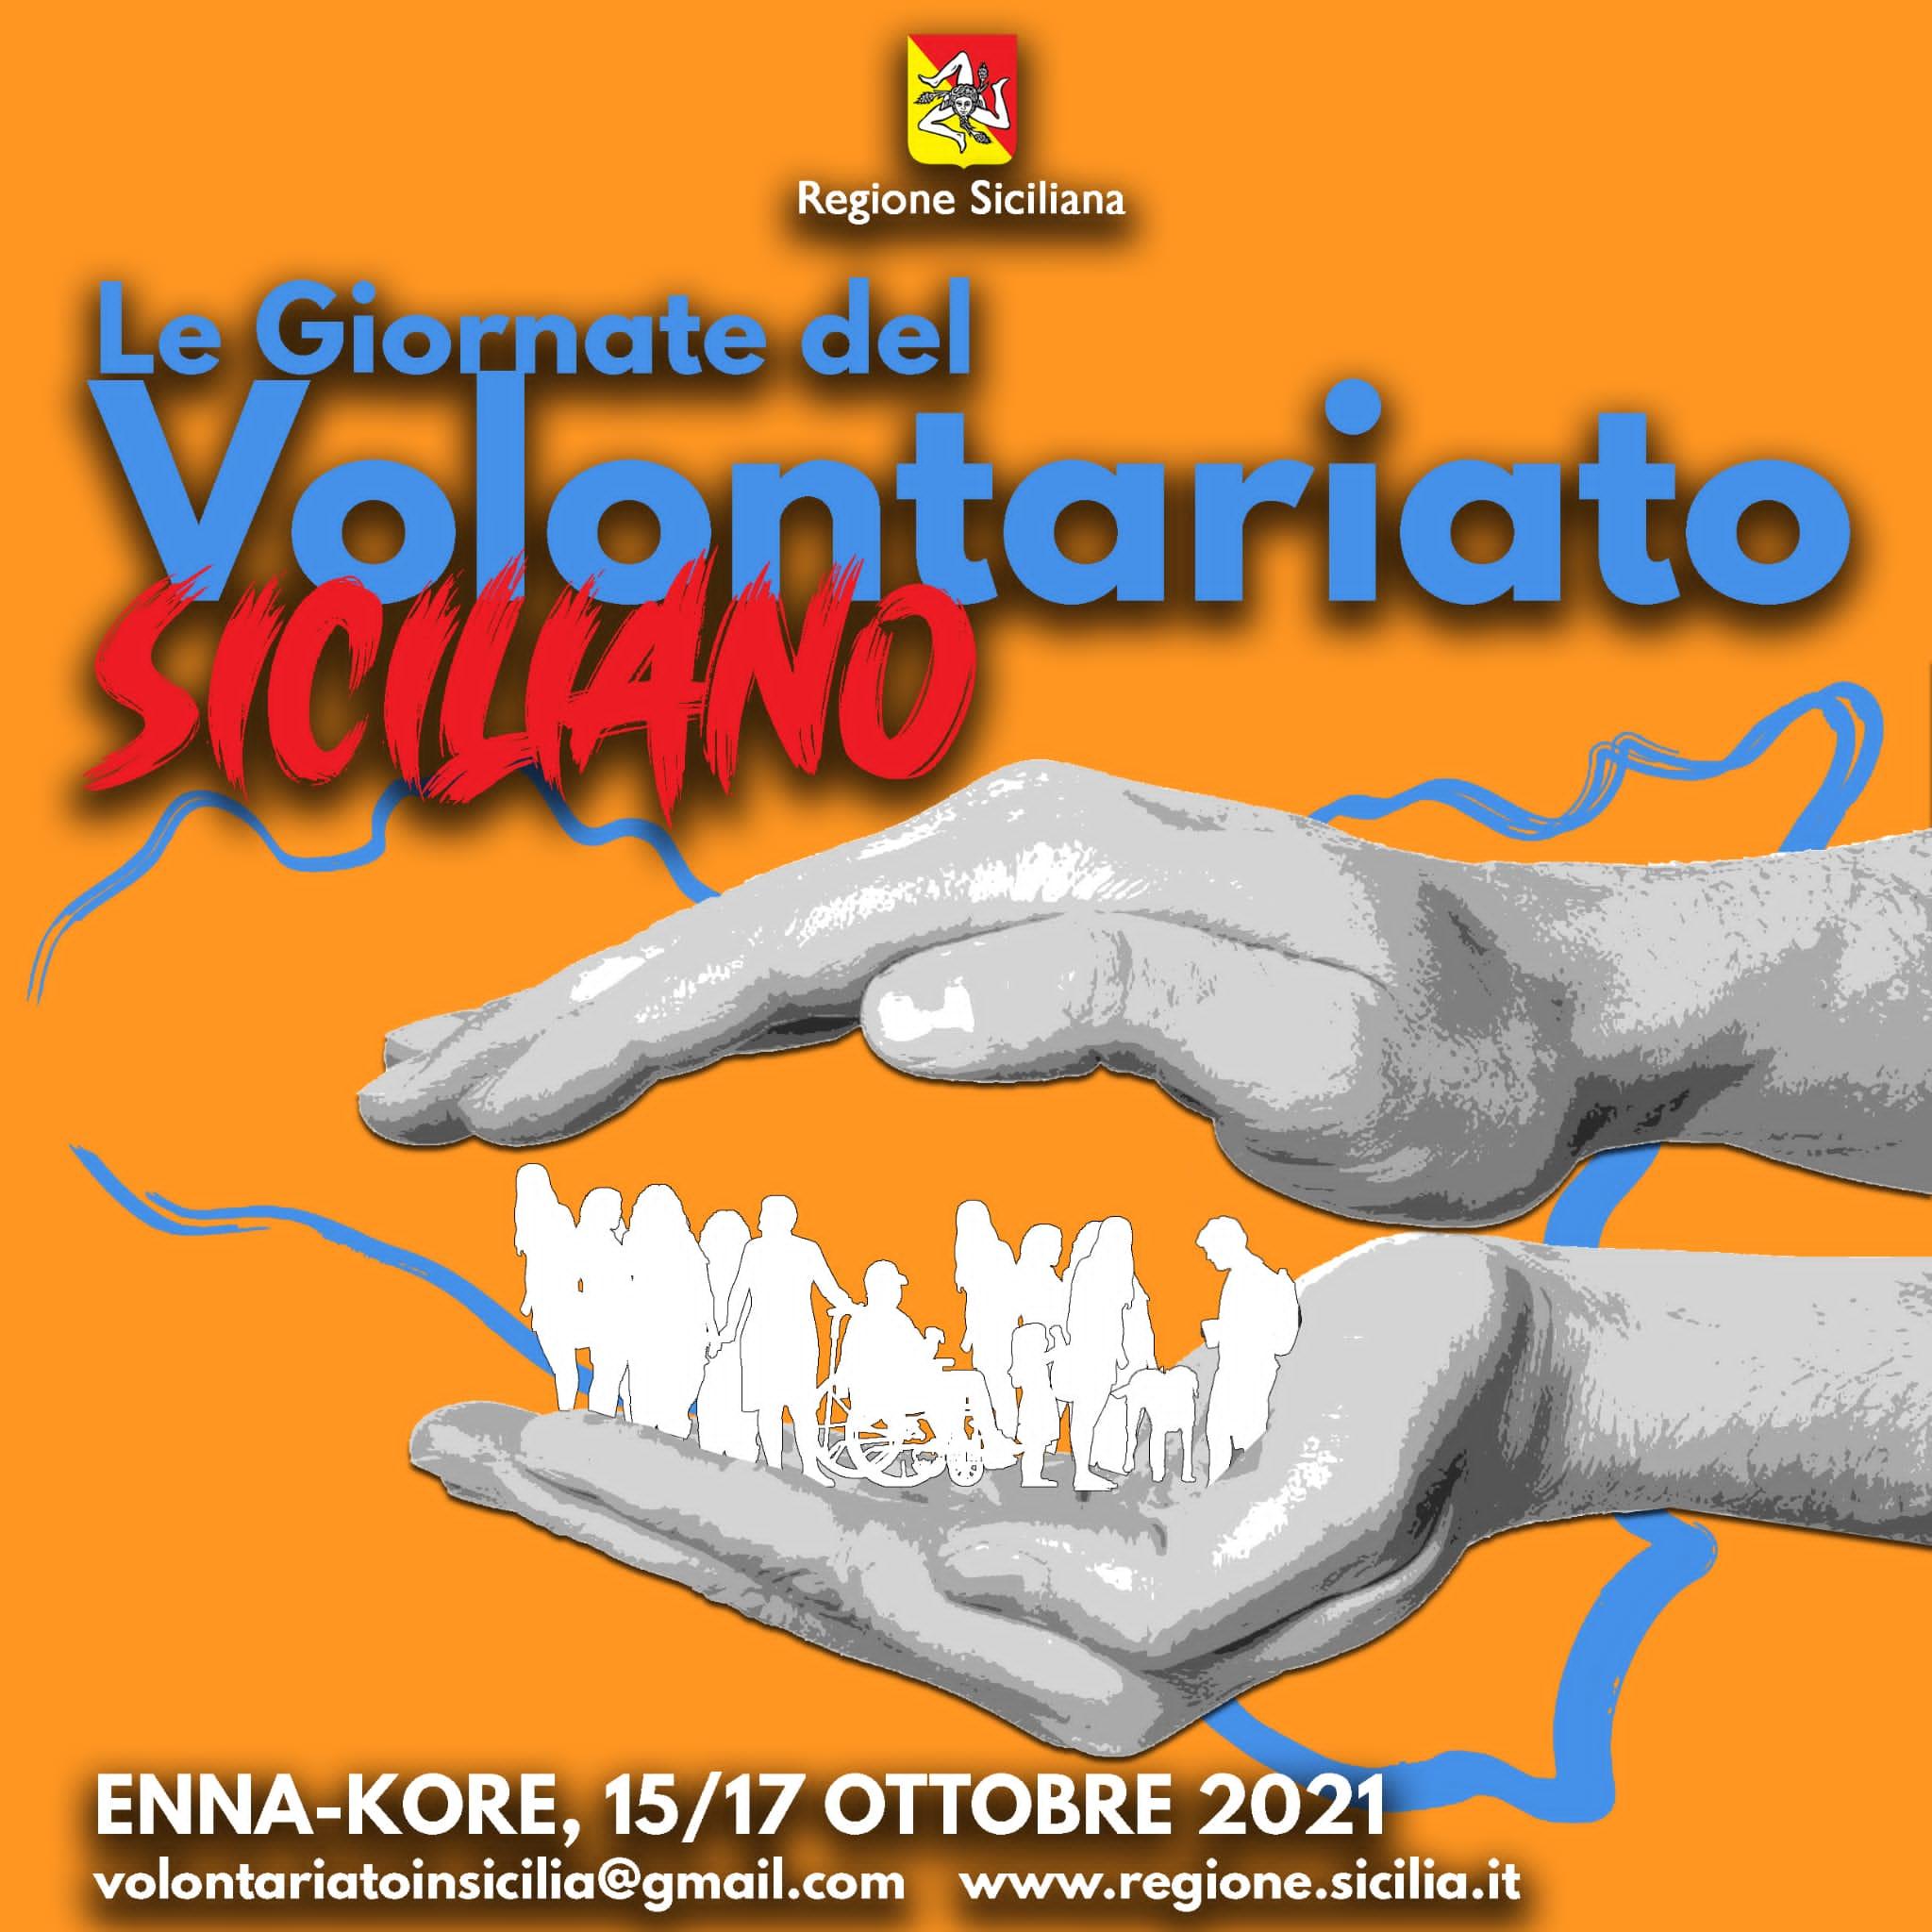 Giornate del volontariato siciliano, la Regione accende per tre giorni i riflettori.